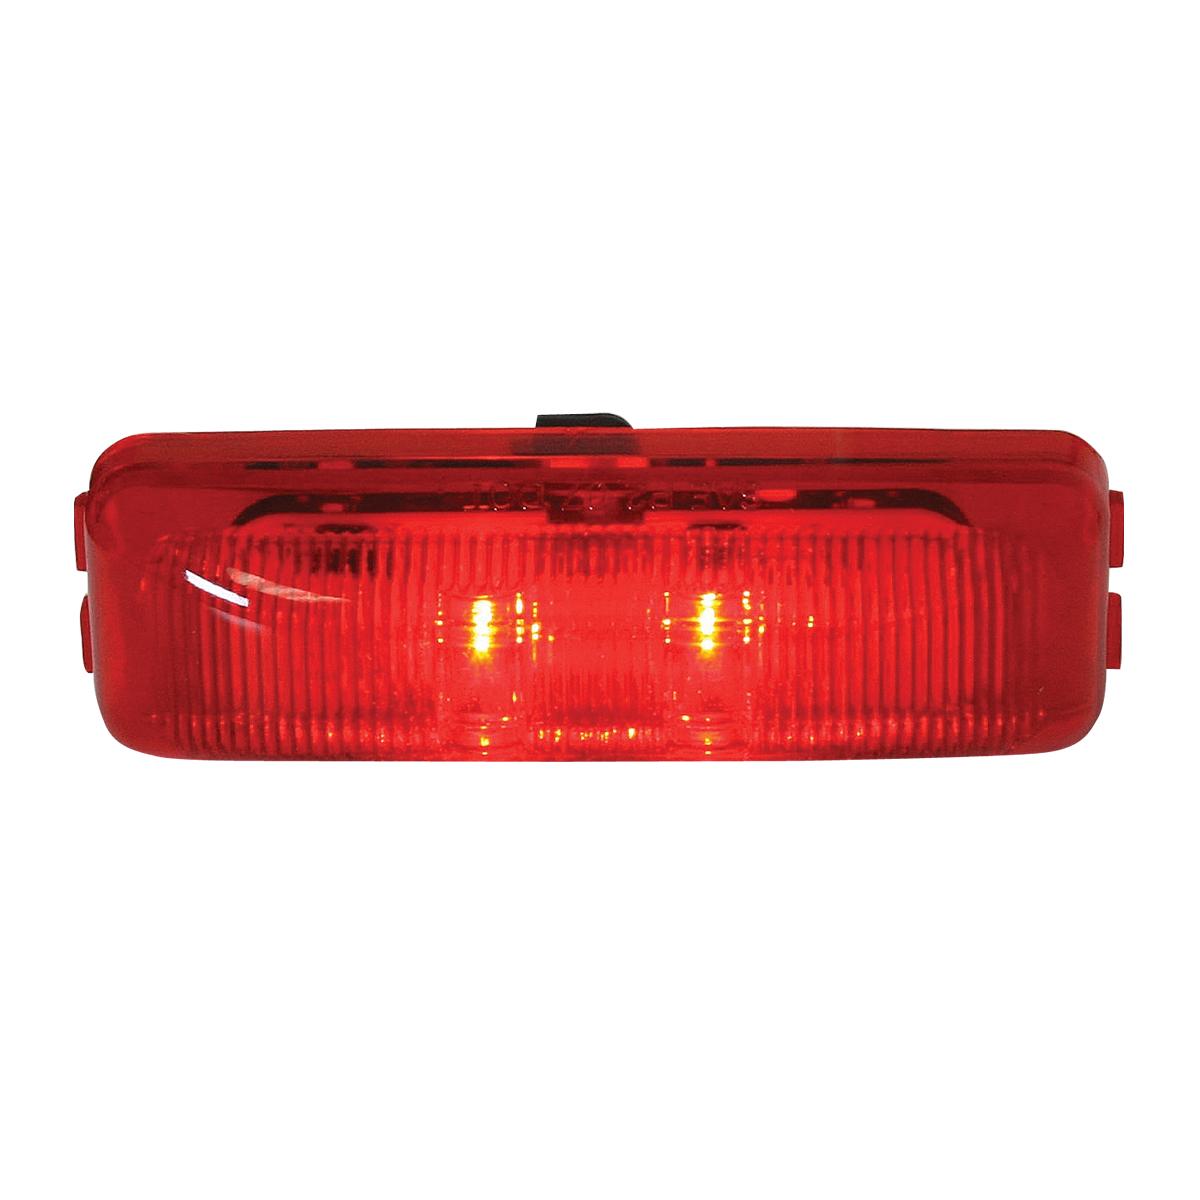 76402 Medium Rectangular Fleet LED Marker Light in Red/Red